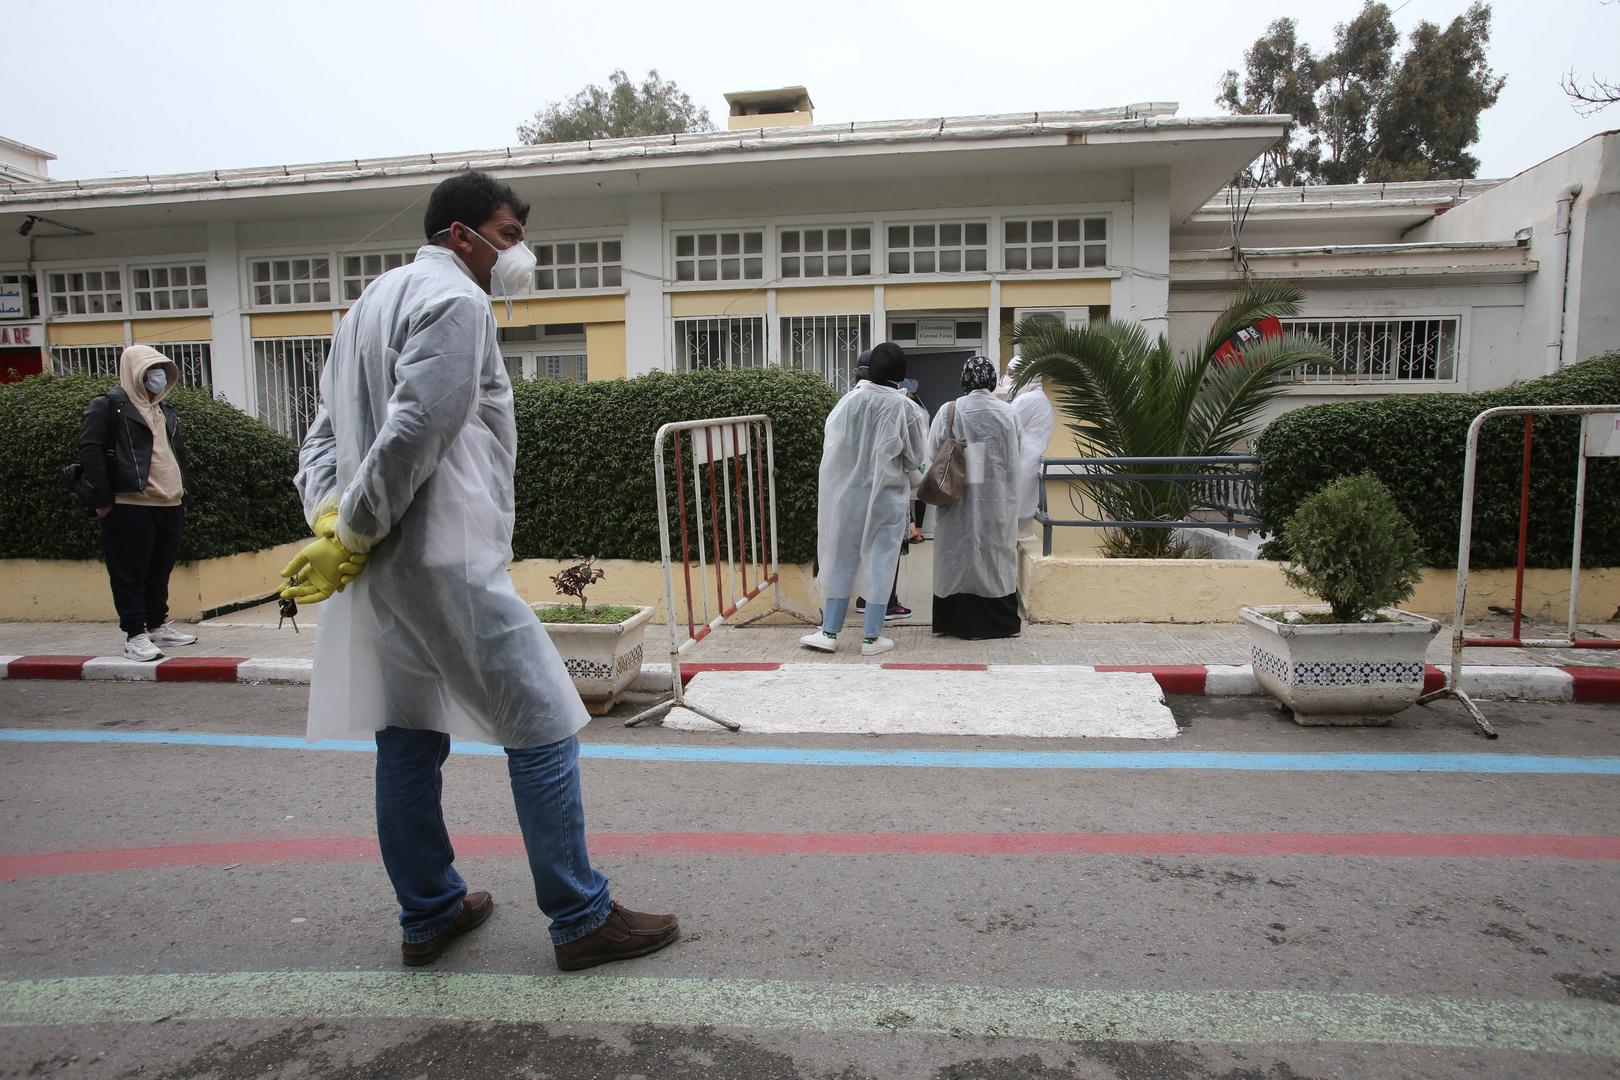 وزارة الصحة التونسية: اكتشاف سلالة جديدة من كورونا